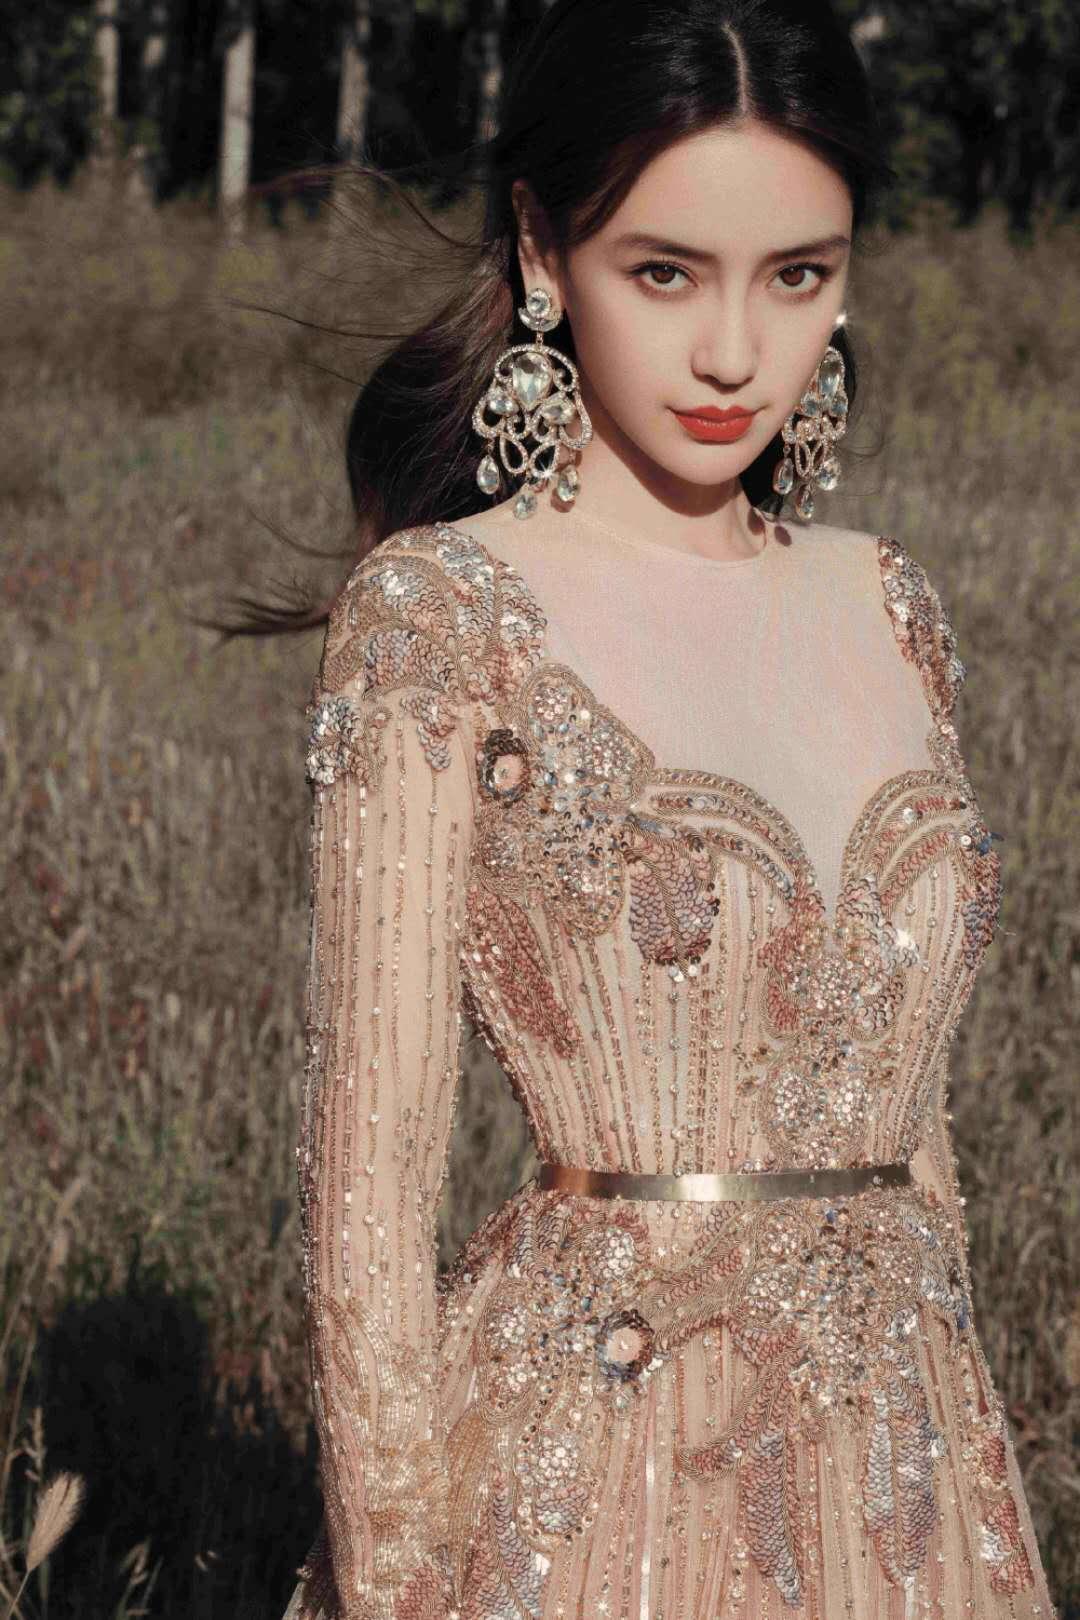 Baby为比美拼了!穿鎏金裙戴钻石耳环重到耳朵变形,美貌太绝